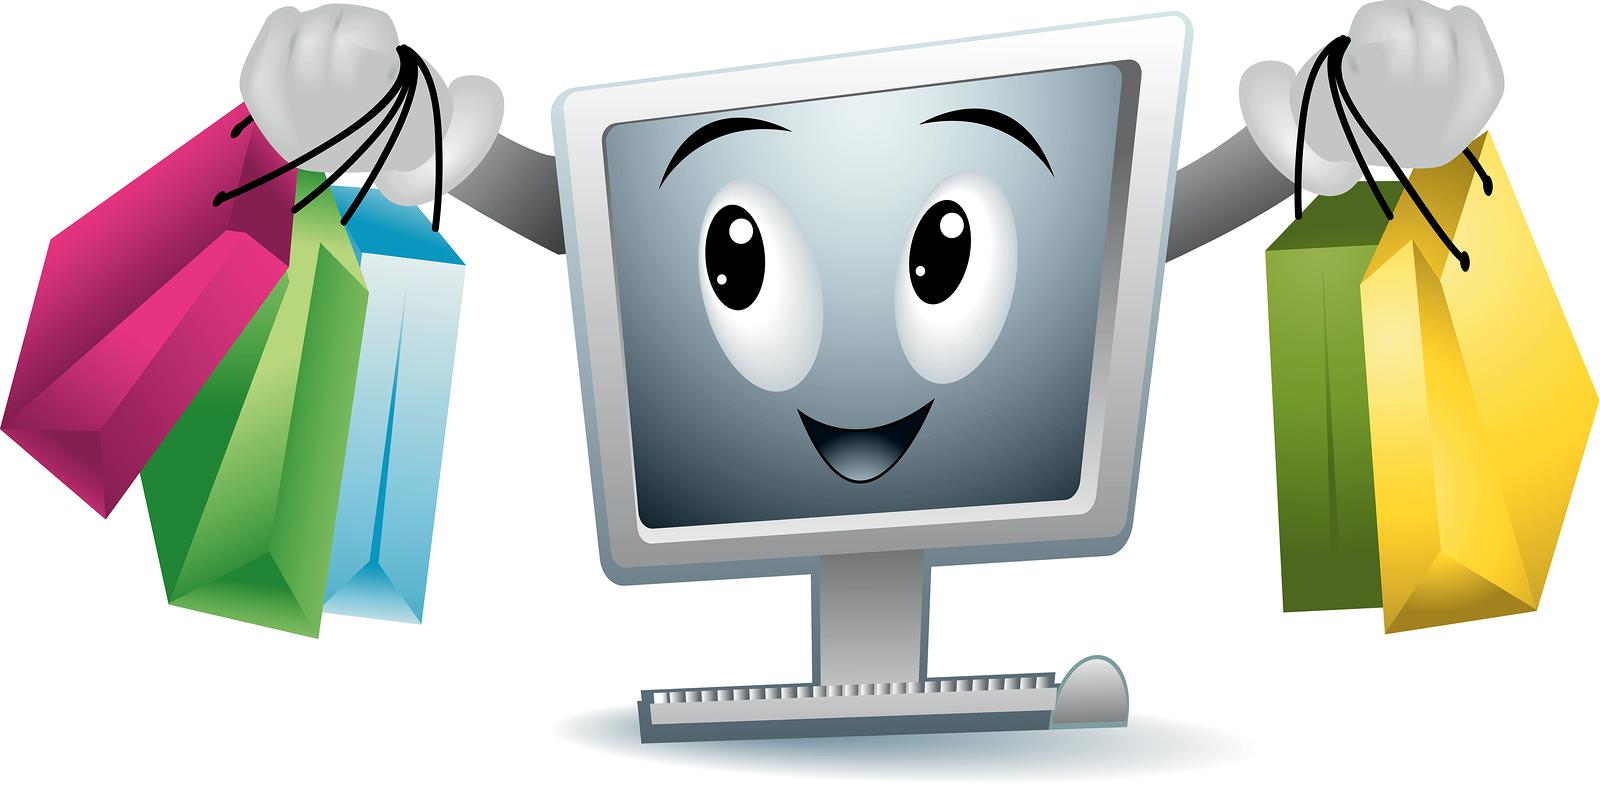 ऑनलाइन शॉपिंग पर भी पड़ा नोटबंदी का असर, 25% गिरावट